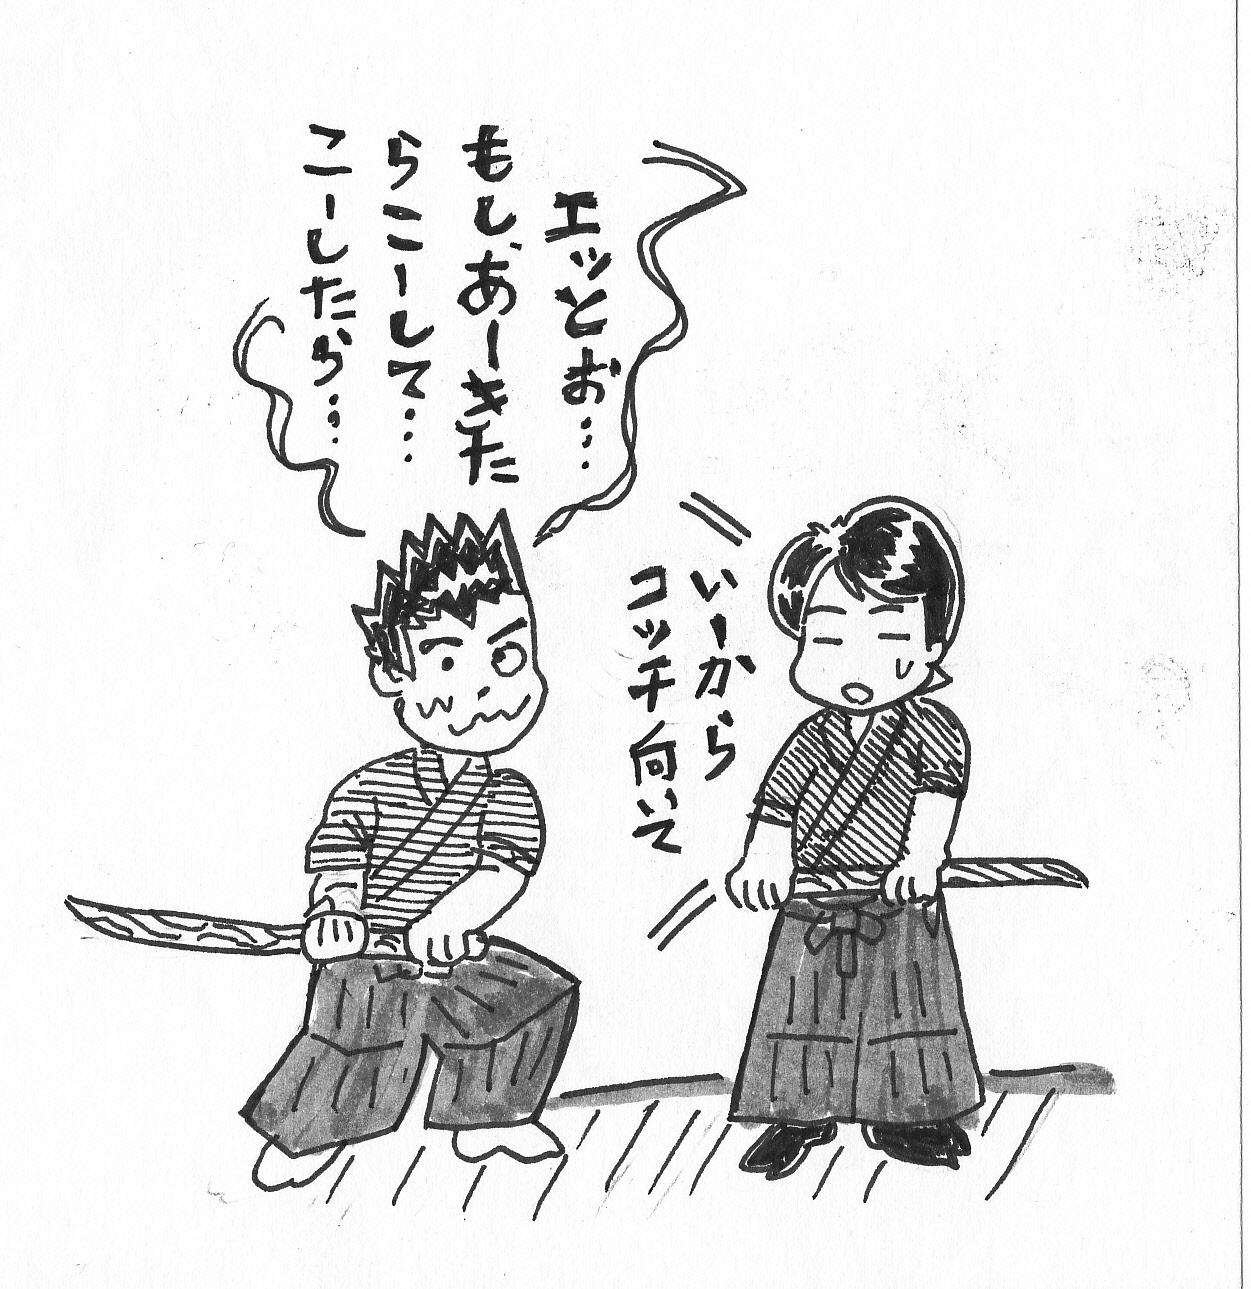 談話イラスト129